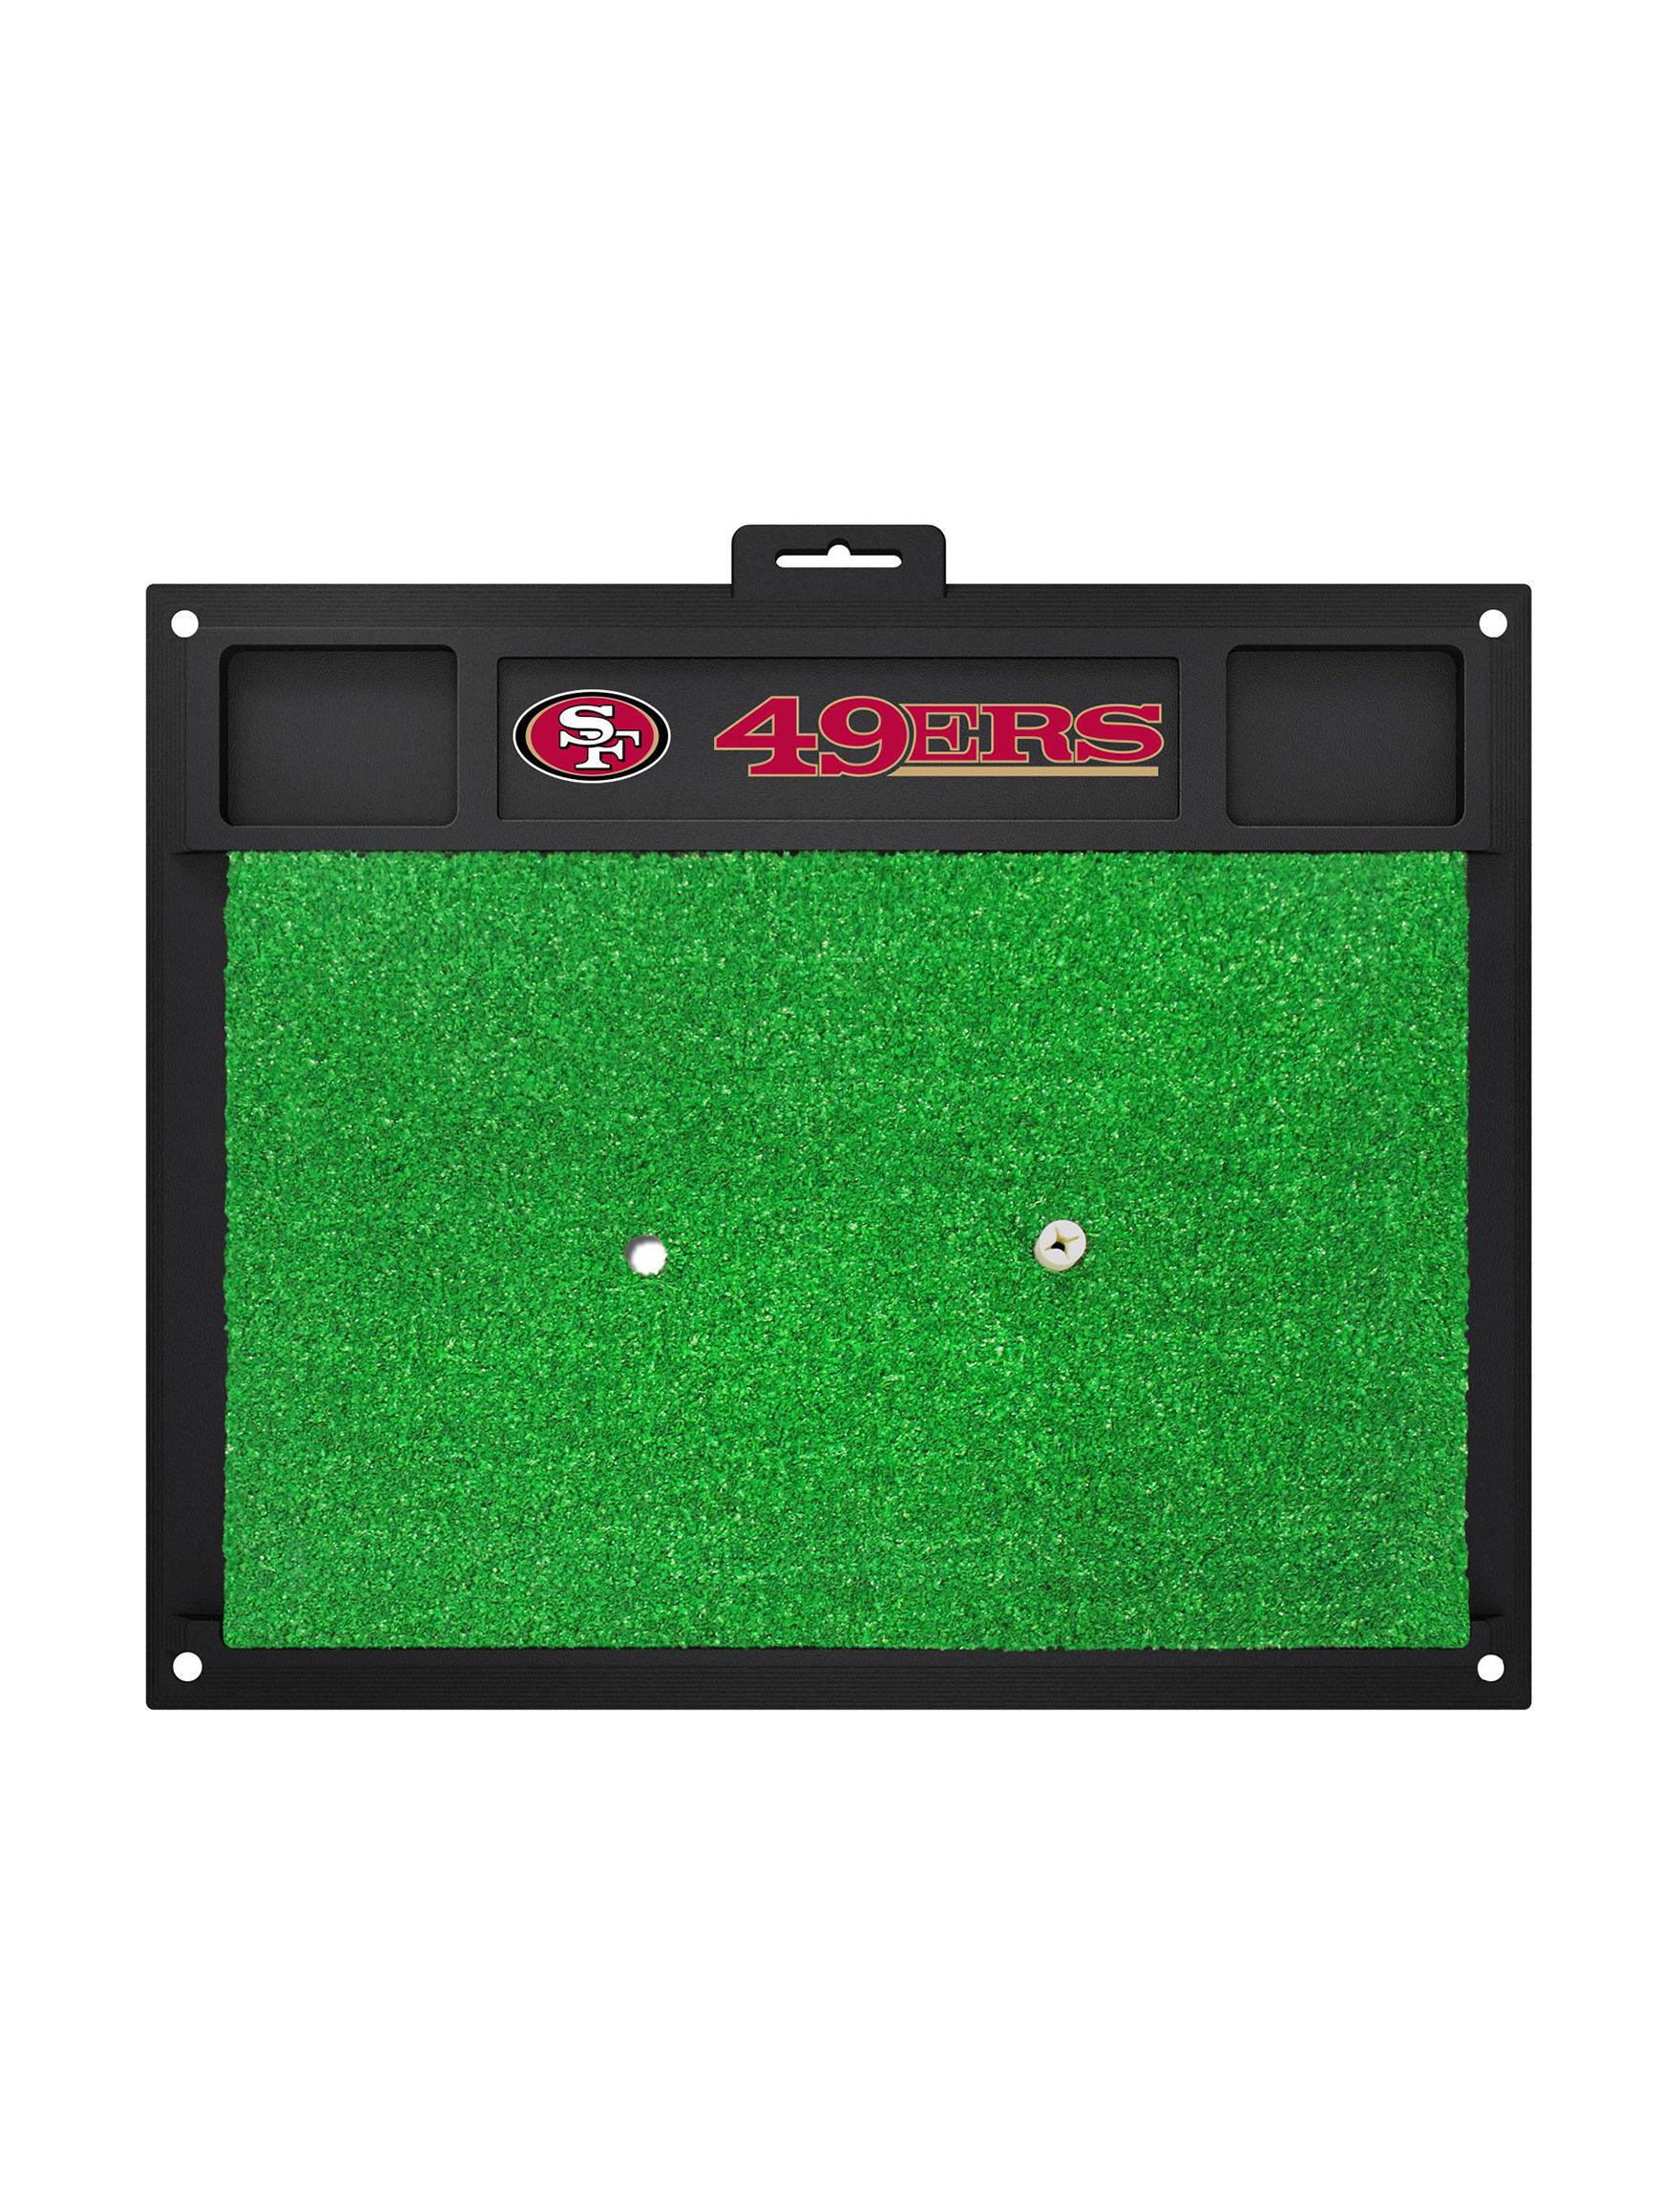 Fanmats Red / Black Outdoor Rugs & Doormats Outdoor Decor